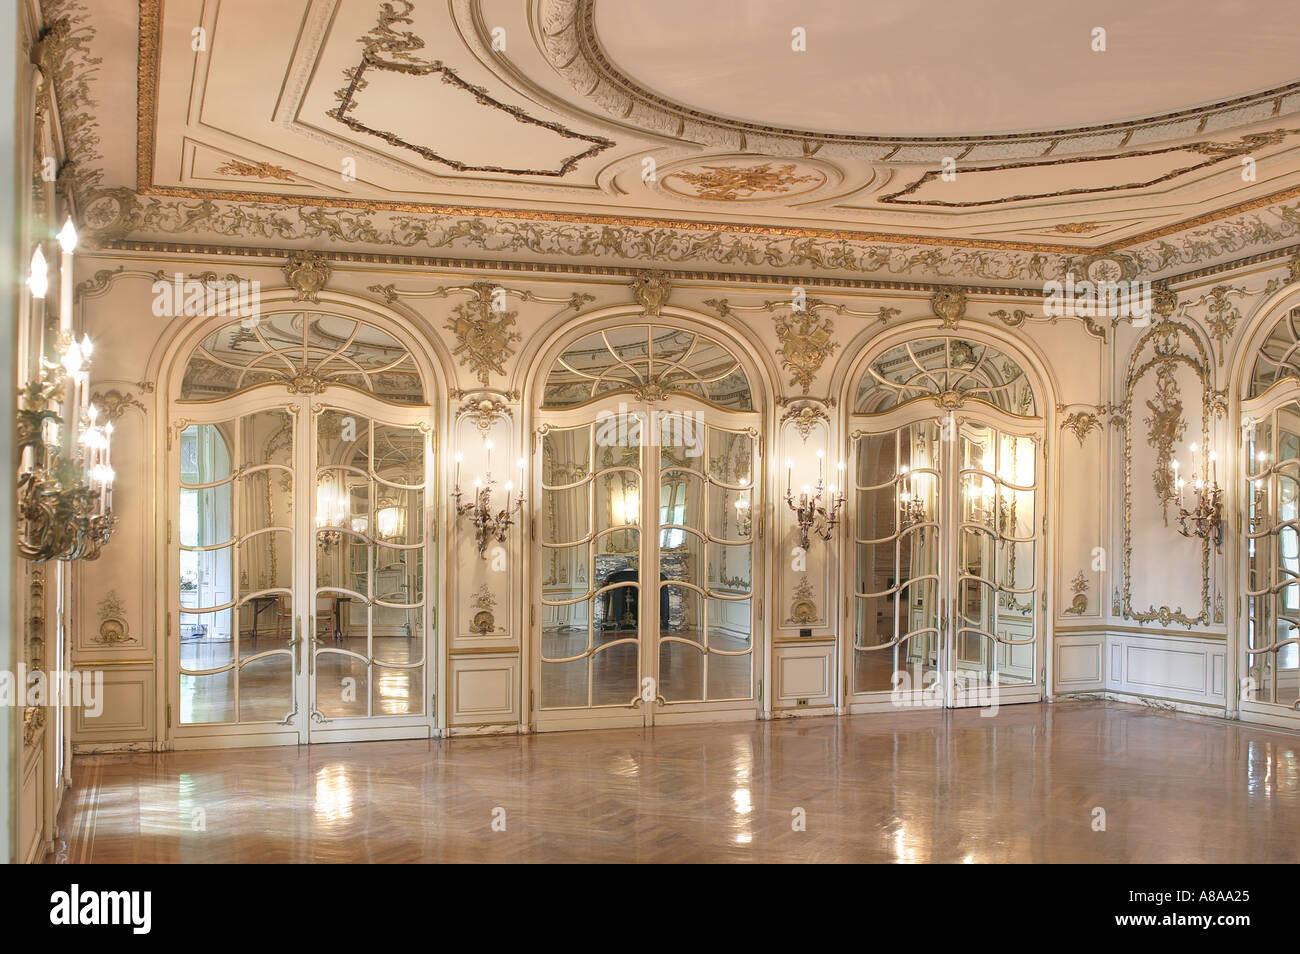 Elegante saln de baile con adornos interiores Foto Imagen De